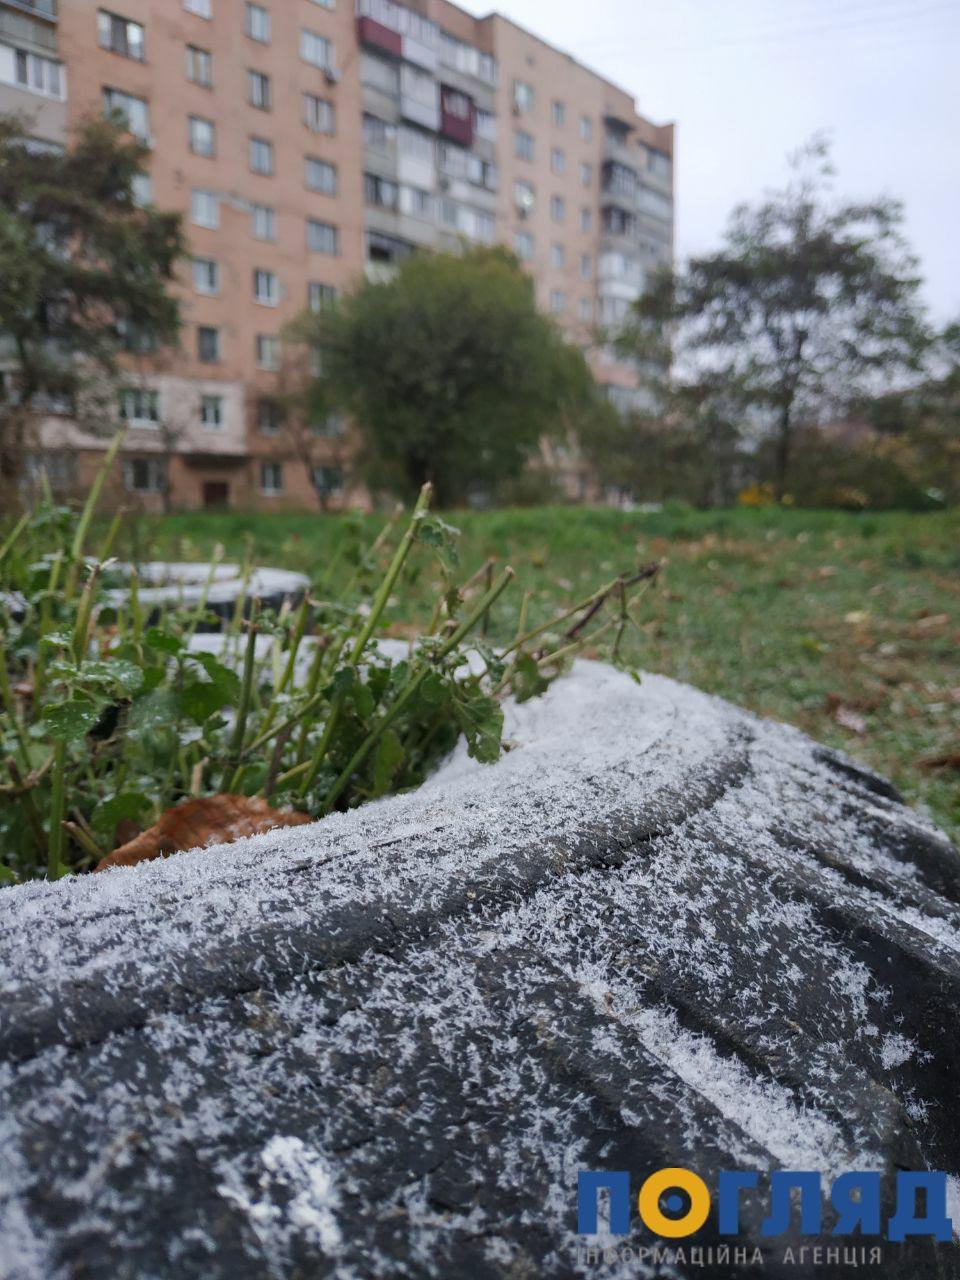 Засніжило: на Київщині випав перший сніг (ФОТО) - сніг, погода, перший сніг - 17 sneg Vyshgorod